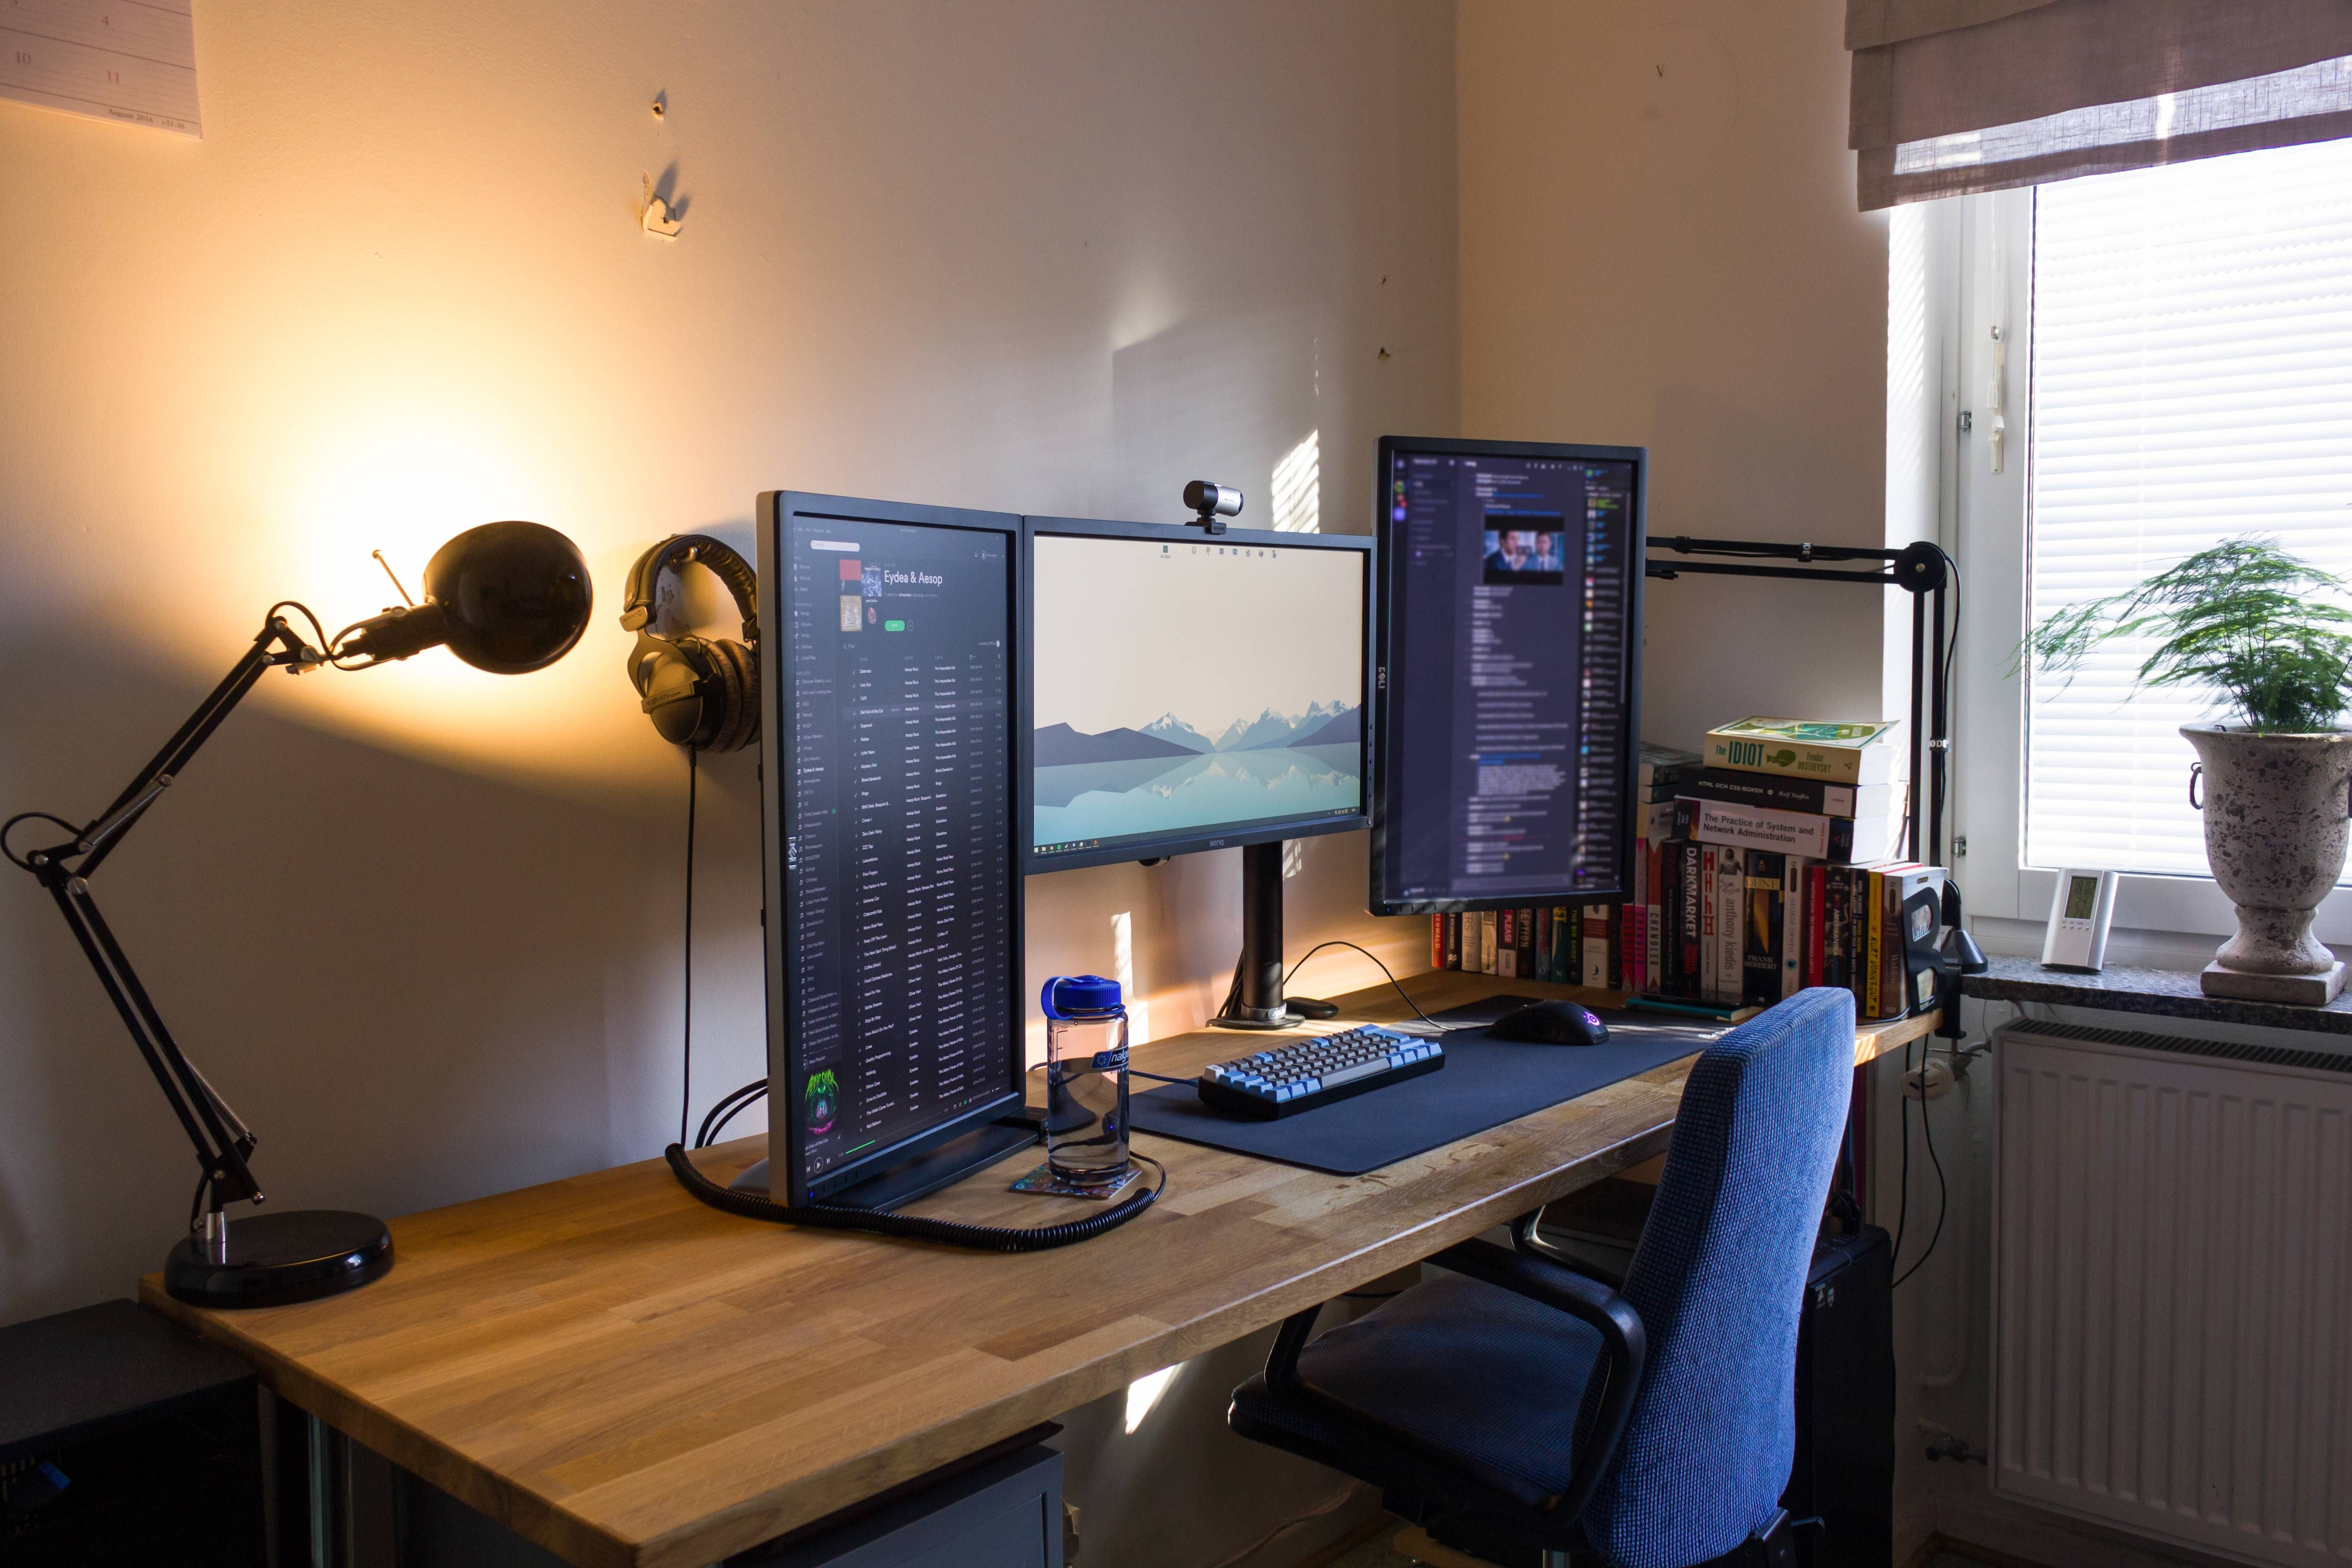 Bilder på ditt (fysiska) skrivbord! Tangentbord, möss och